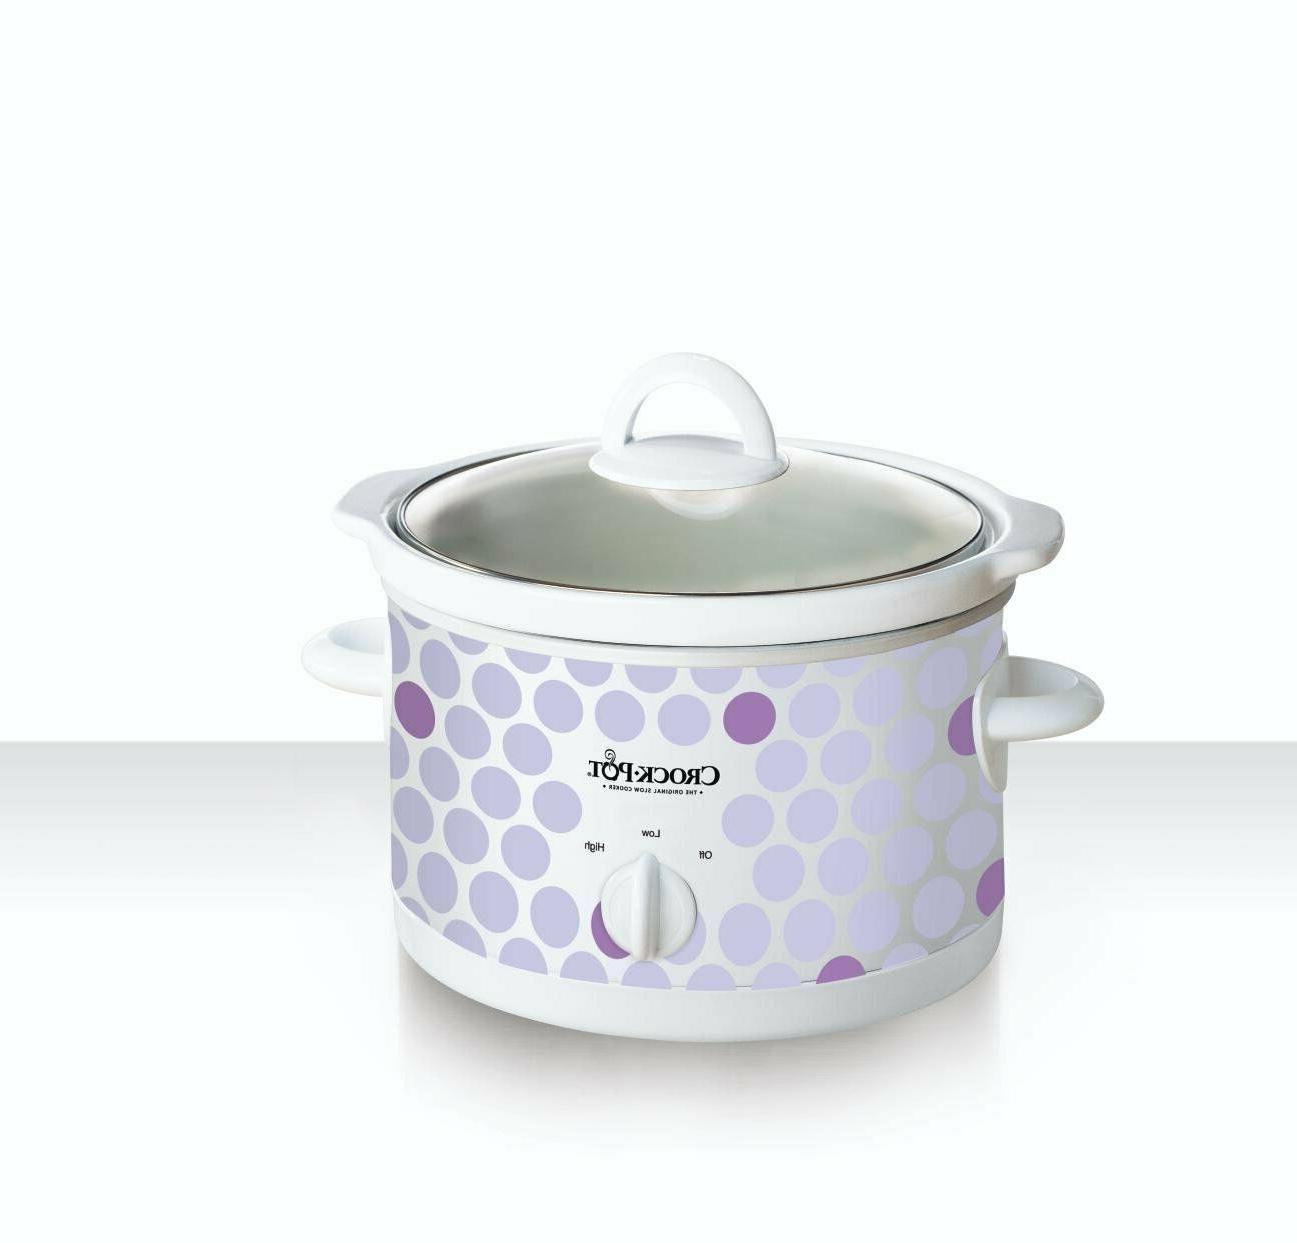 Crock Pot Slow 2-1/2 Dishwasher Glass Cooker